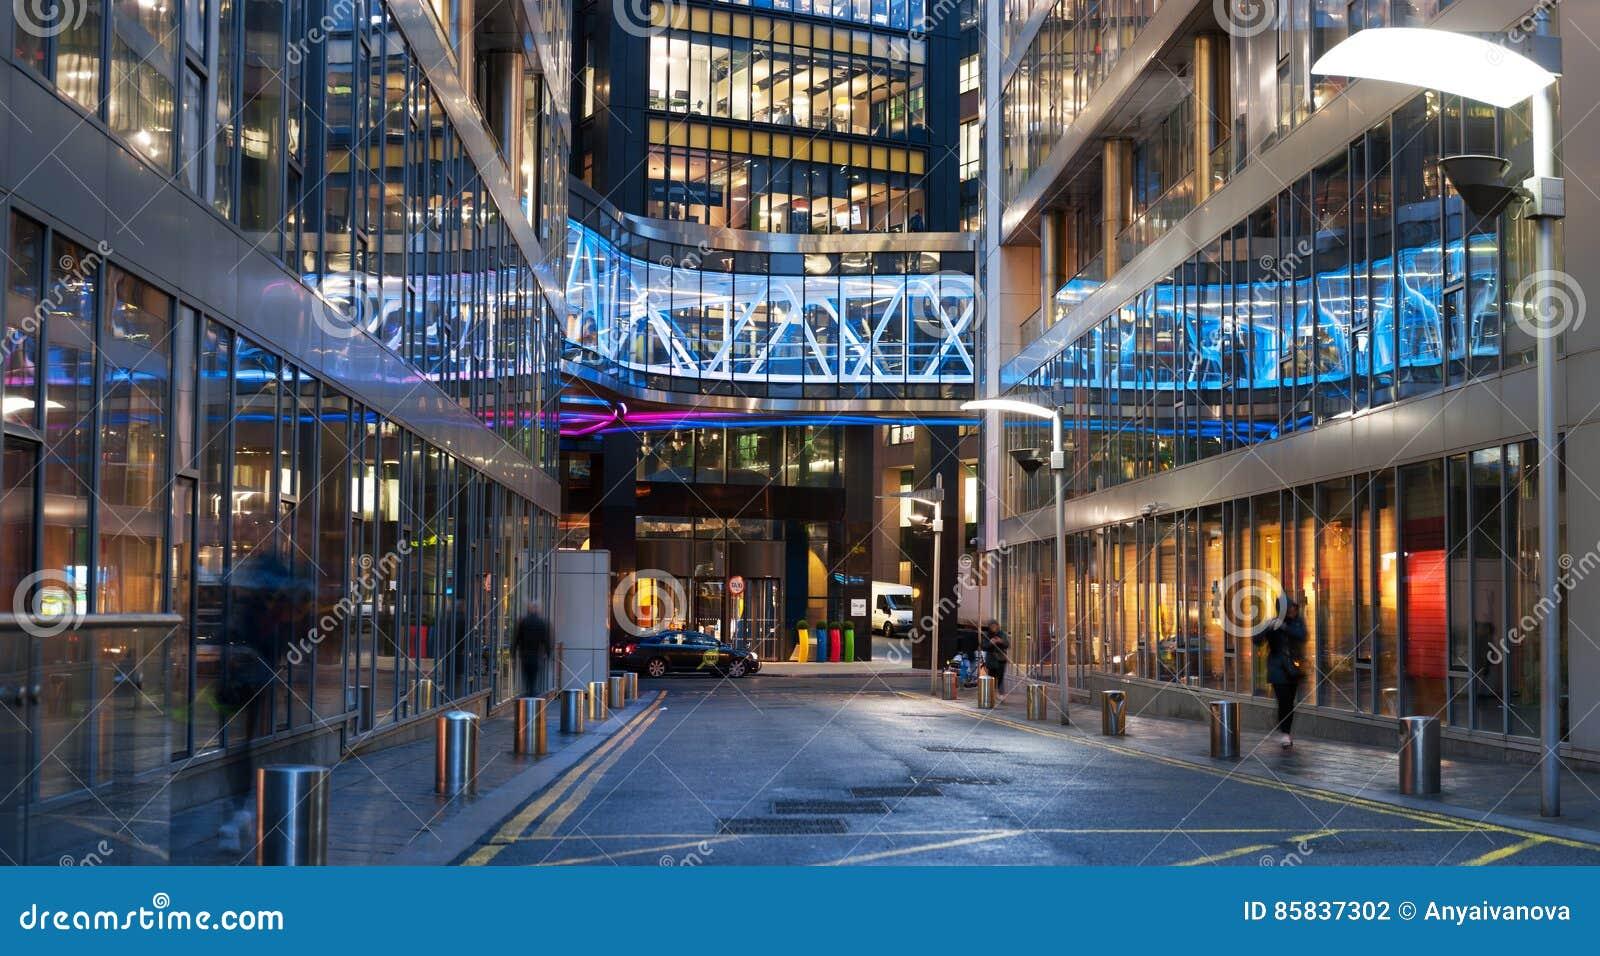 Google Hoofdkwartier Londen : Het europese hoofdkwartier van google in dublin redactionele